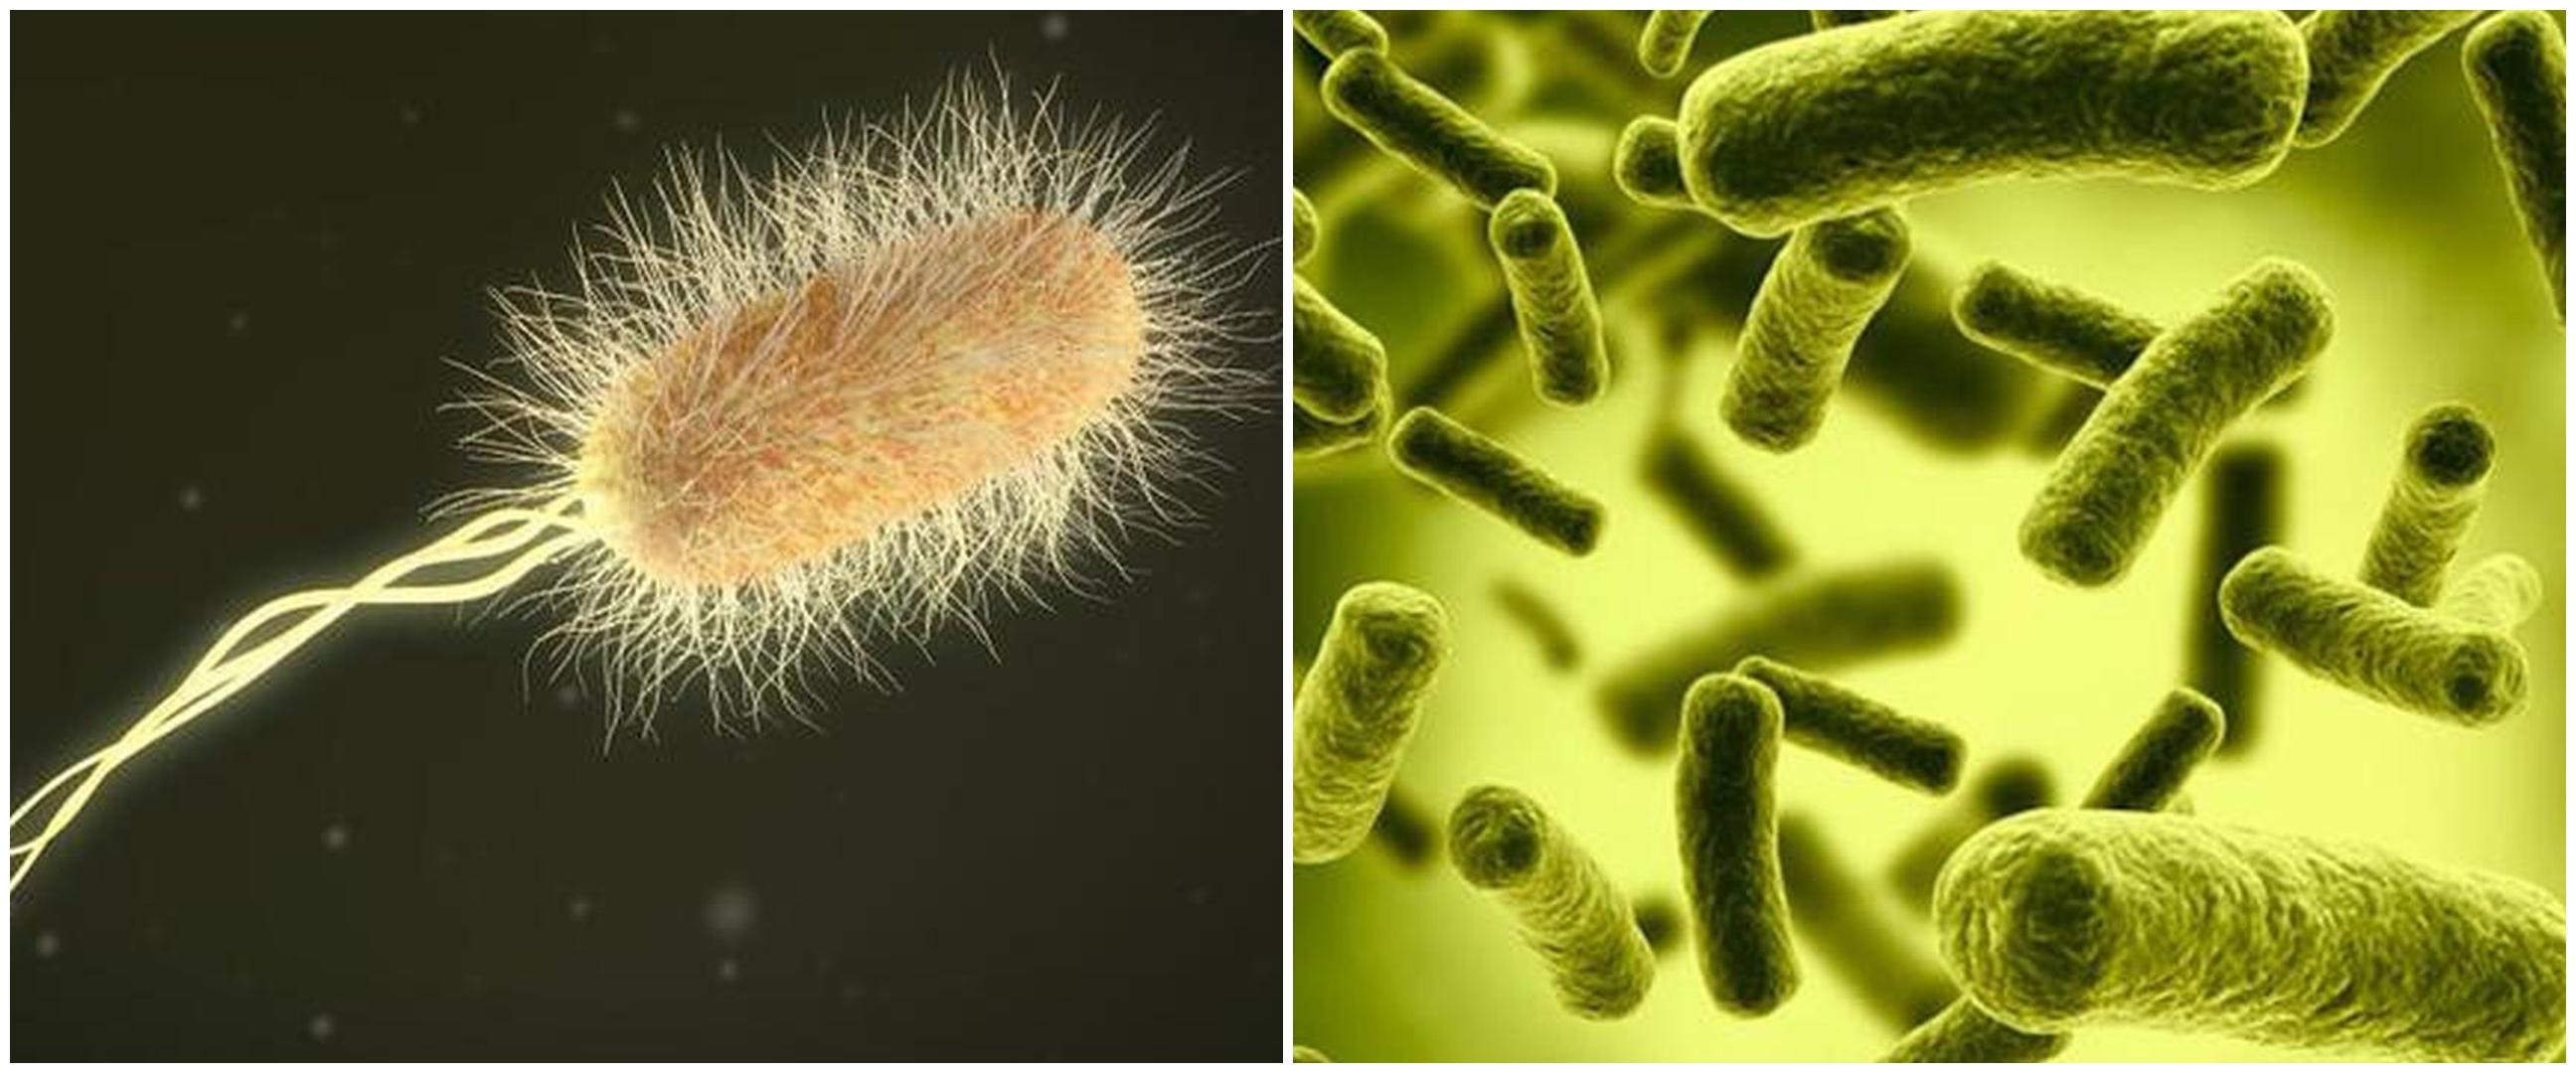 Waspada Corona, kenali 10 bakteri yang terdapat pada uang